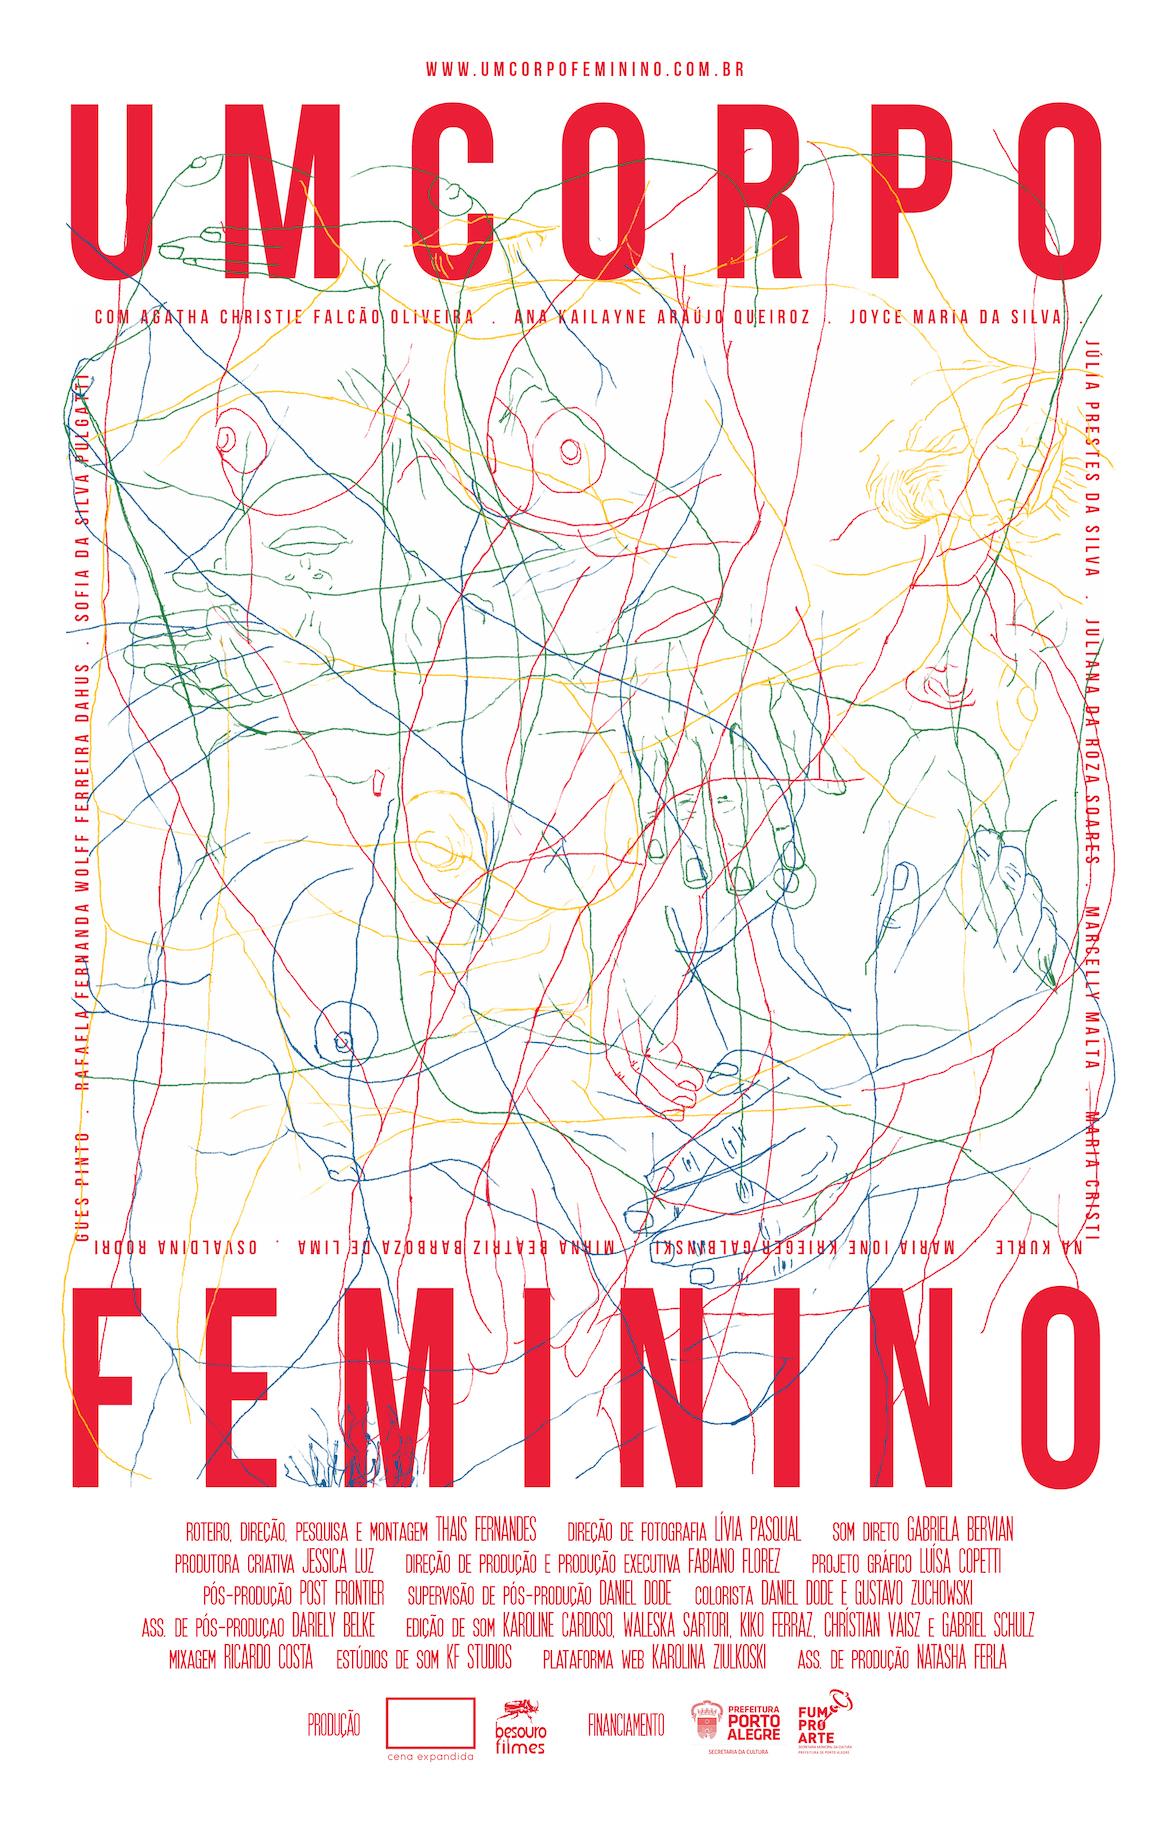 UM CORPO FEMININO